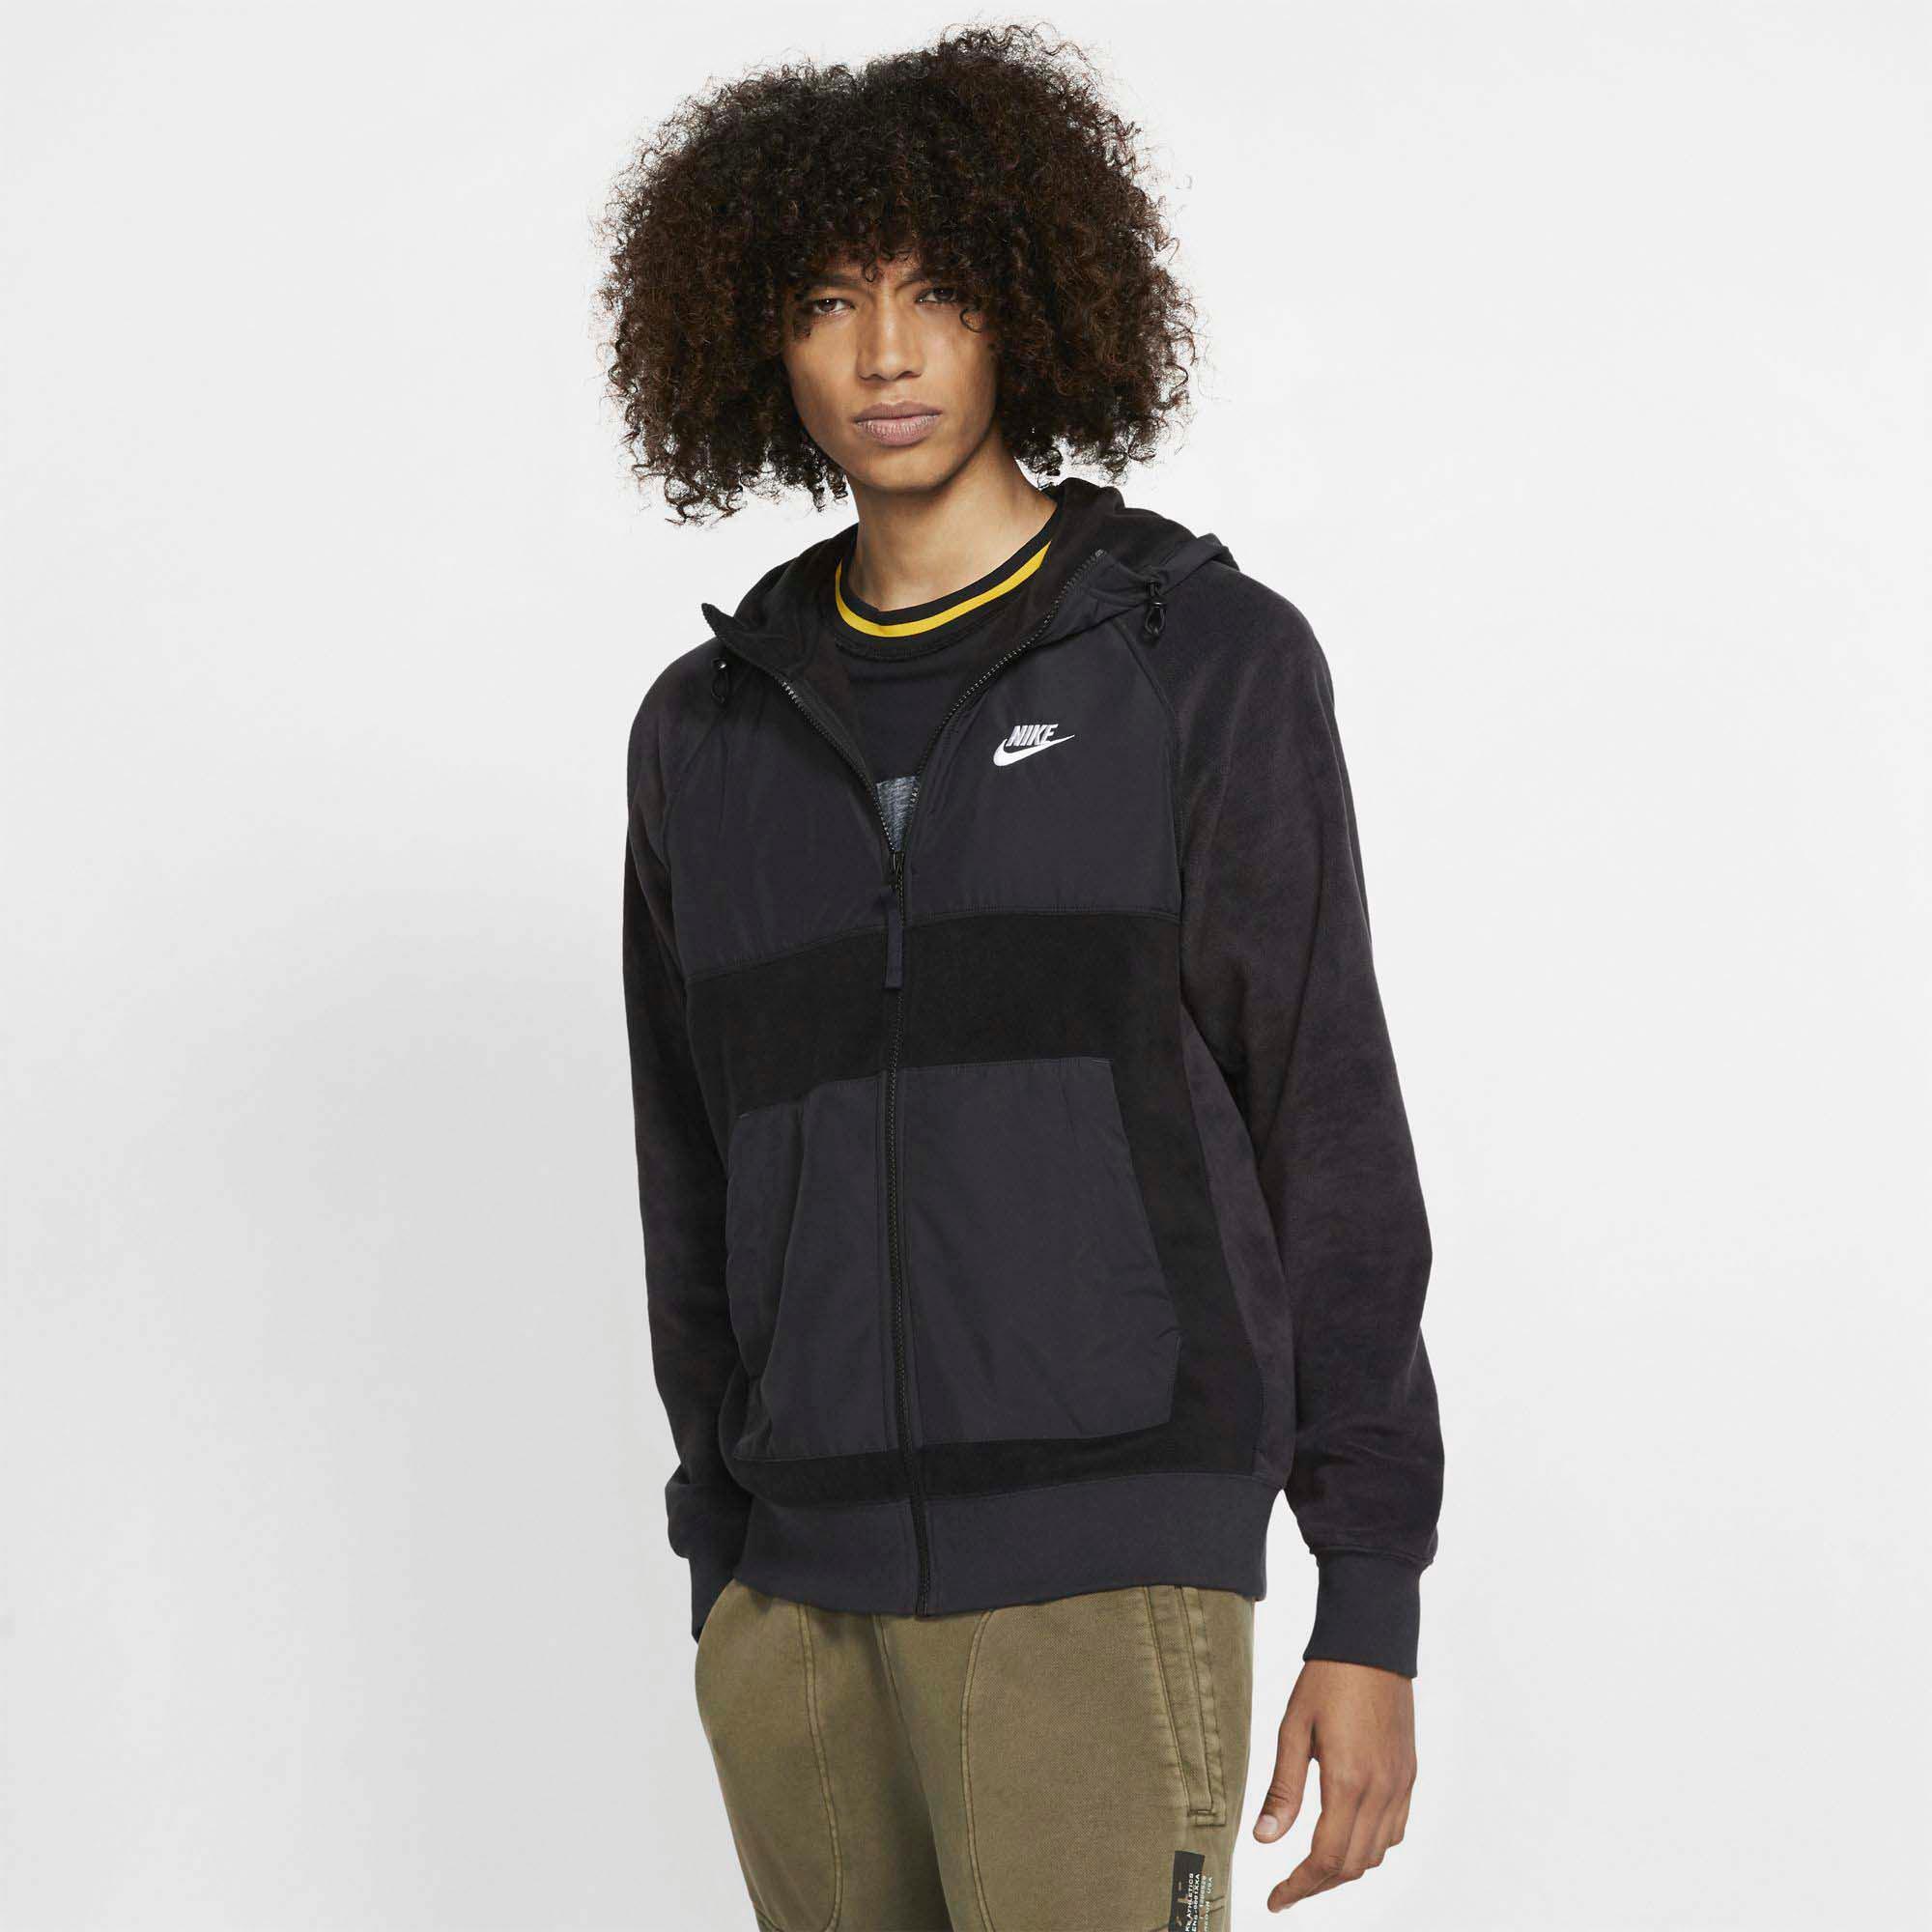 Nike NSW CE Sweatjacke Herren black off noir black white im Online Shop von SportScheck kaufen